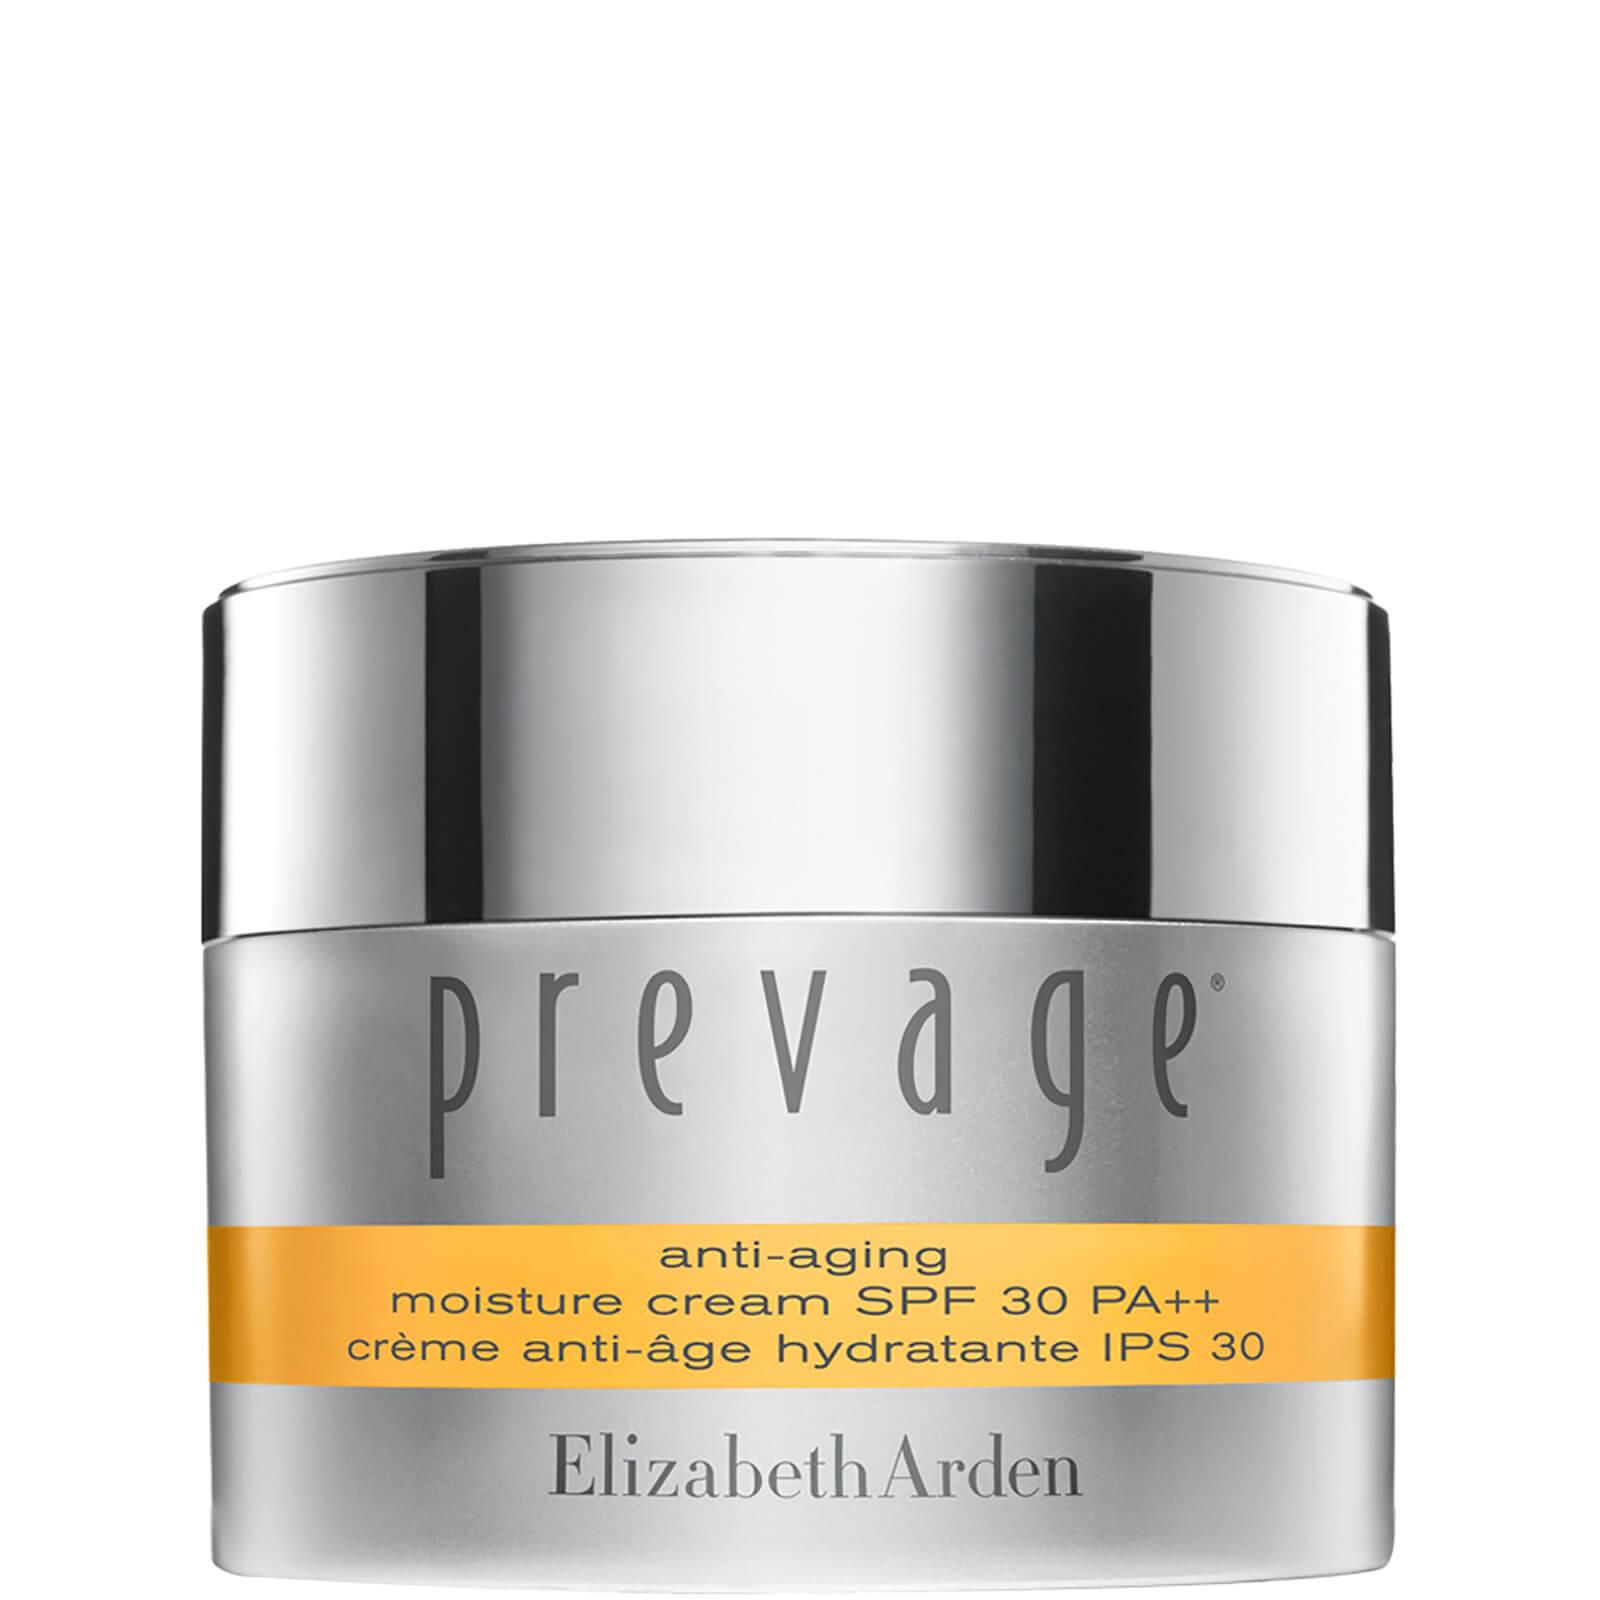 Купить Антивозрастной увлажняющий крем Elizabeth Arden Prevage Anti-aging Moisture Cream SPF30 50 мл